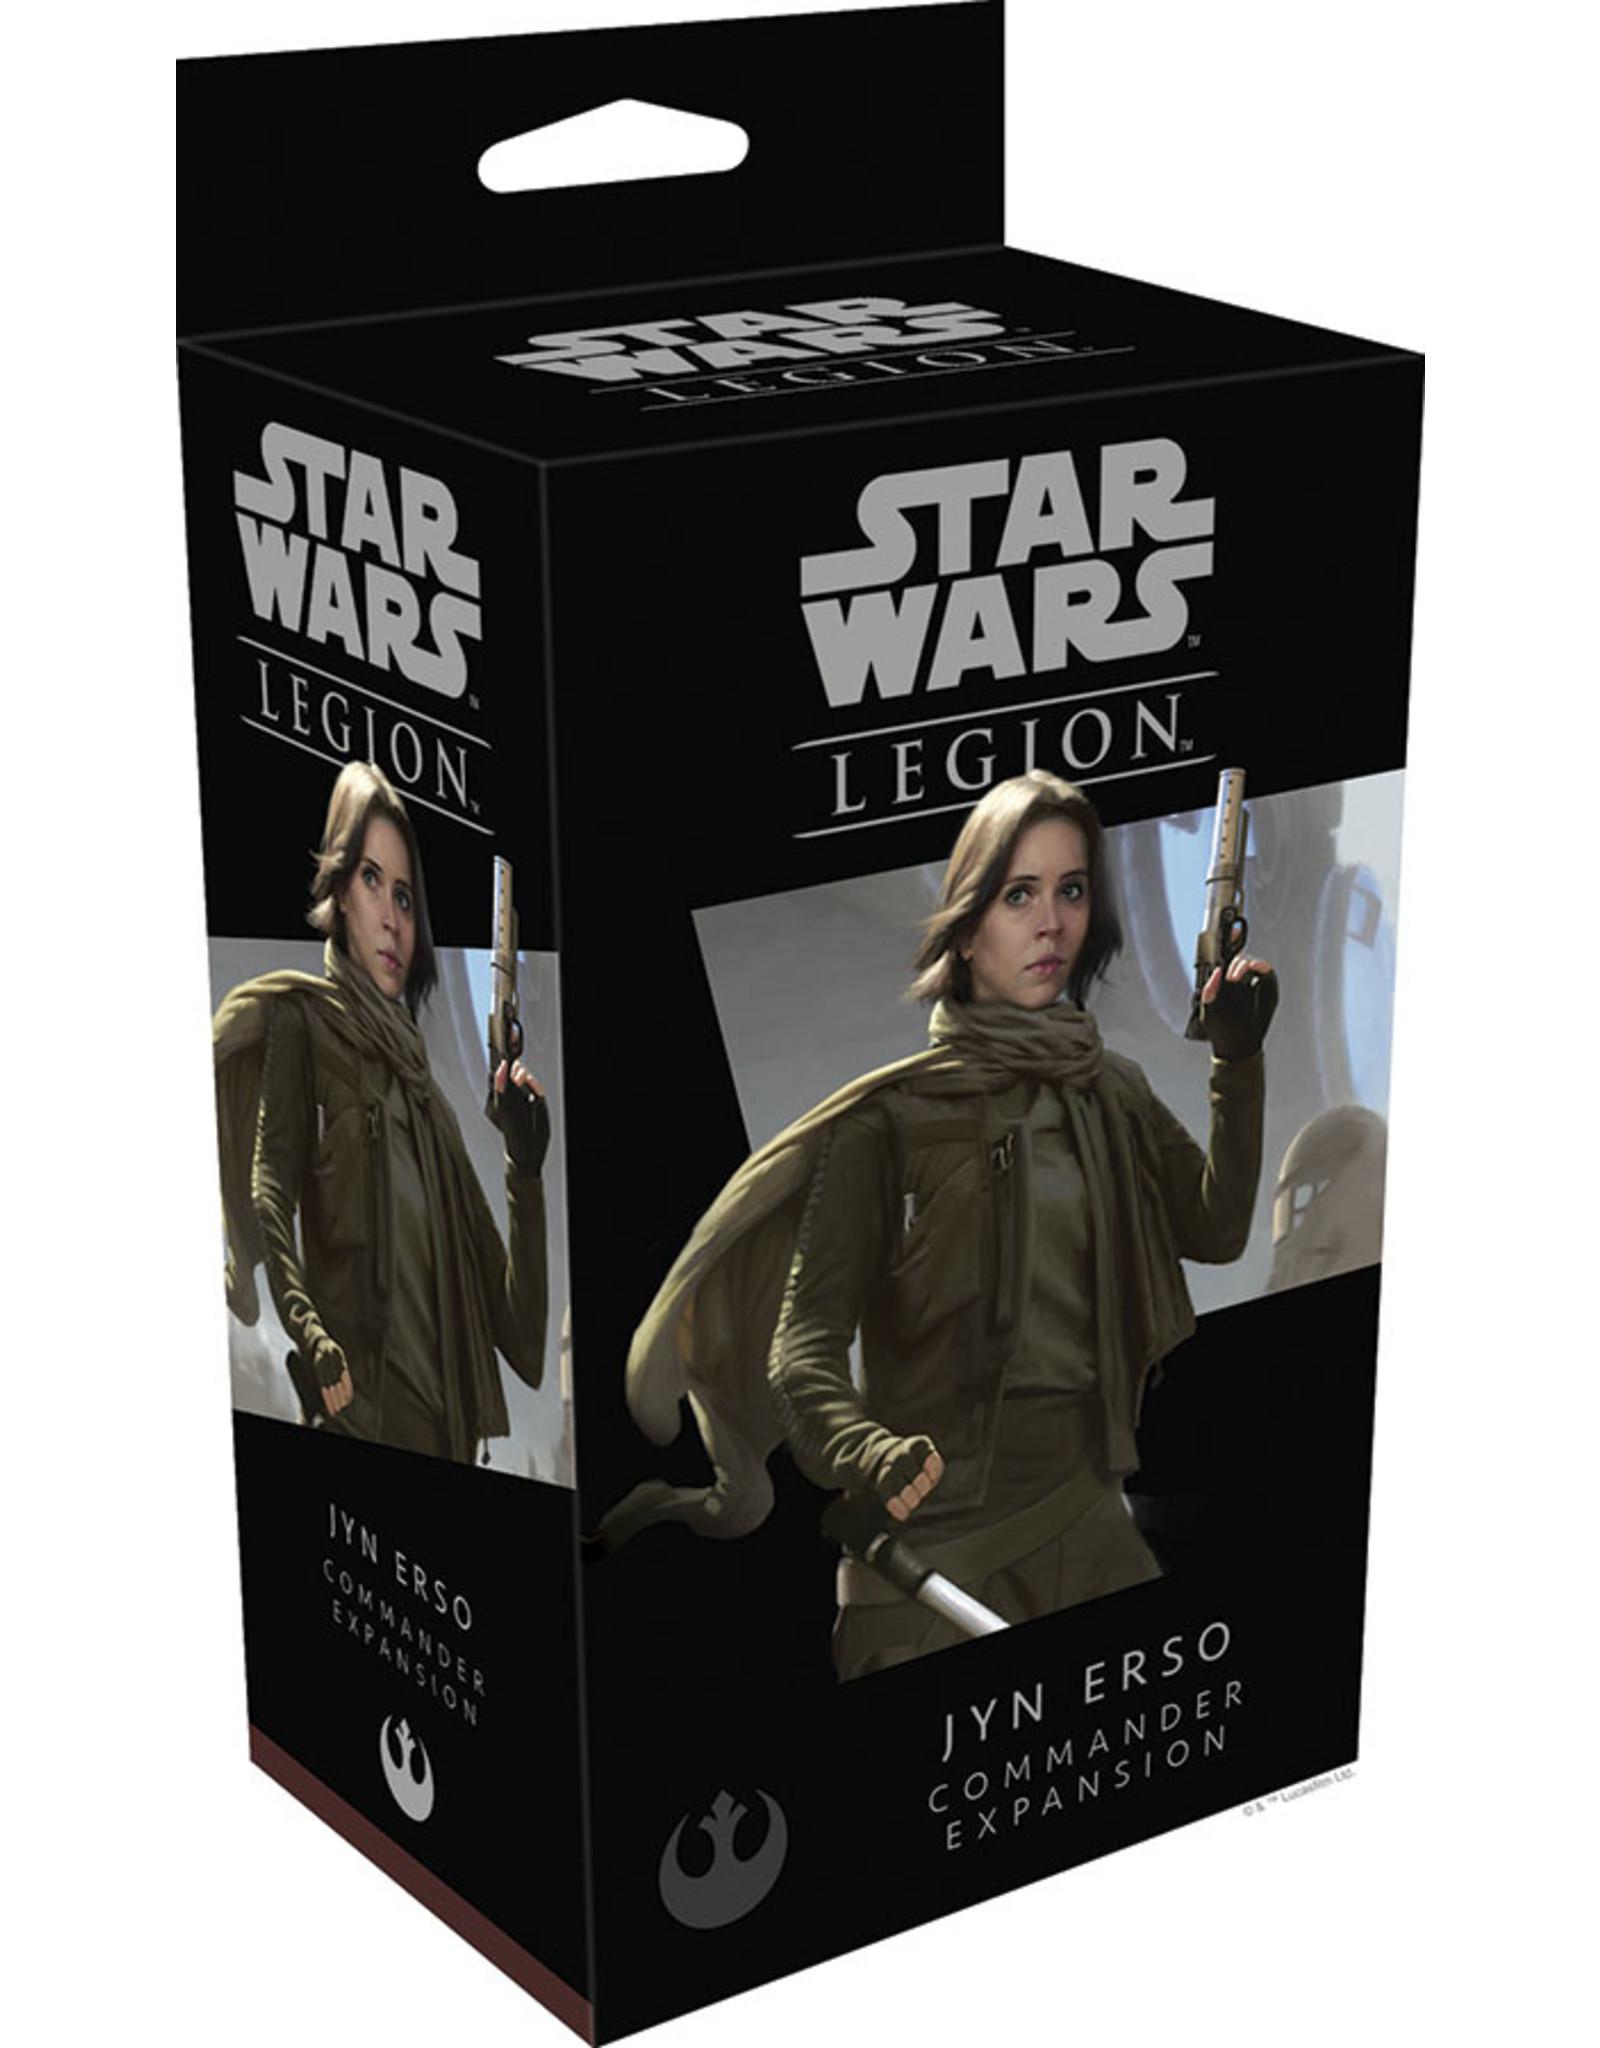 Fantasy Flight Games Star Wars: Legion - Jyn Erso Commander Expansion